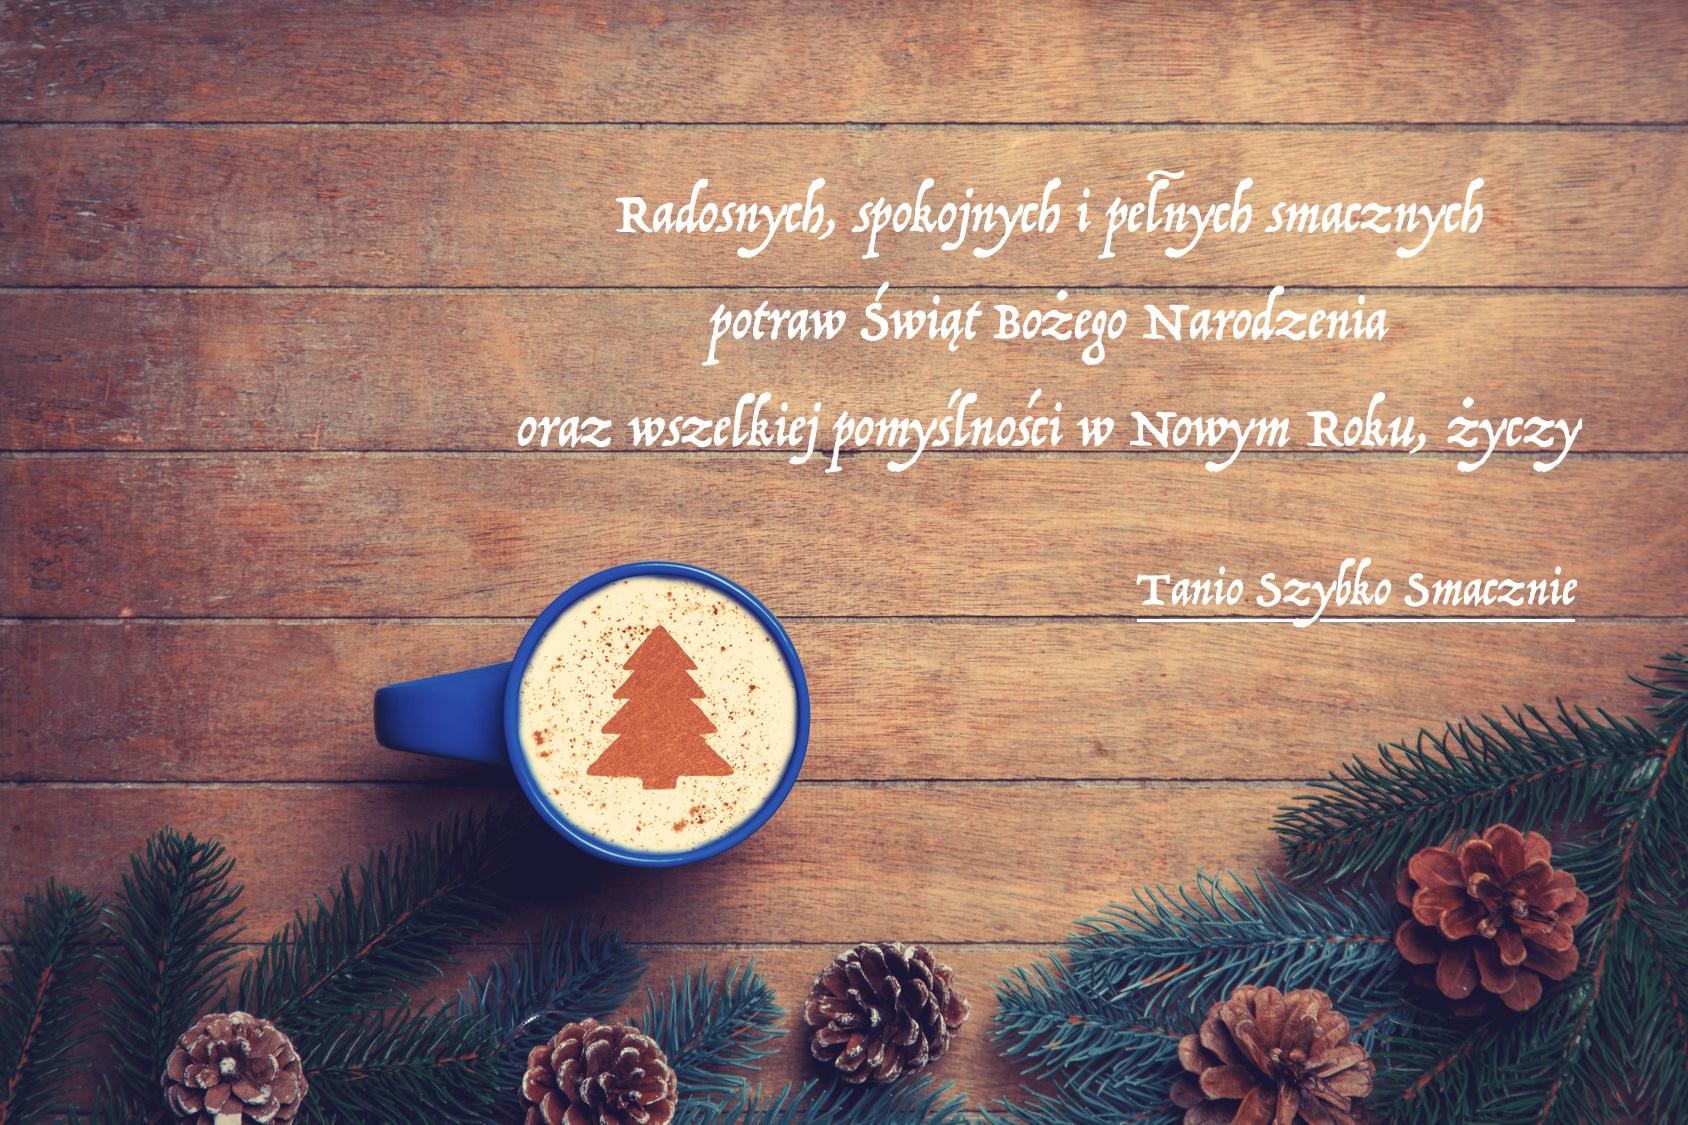 Tanio-Szybko-Smacznie życzenia świąteczne i noworoczne